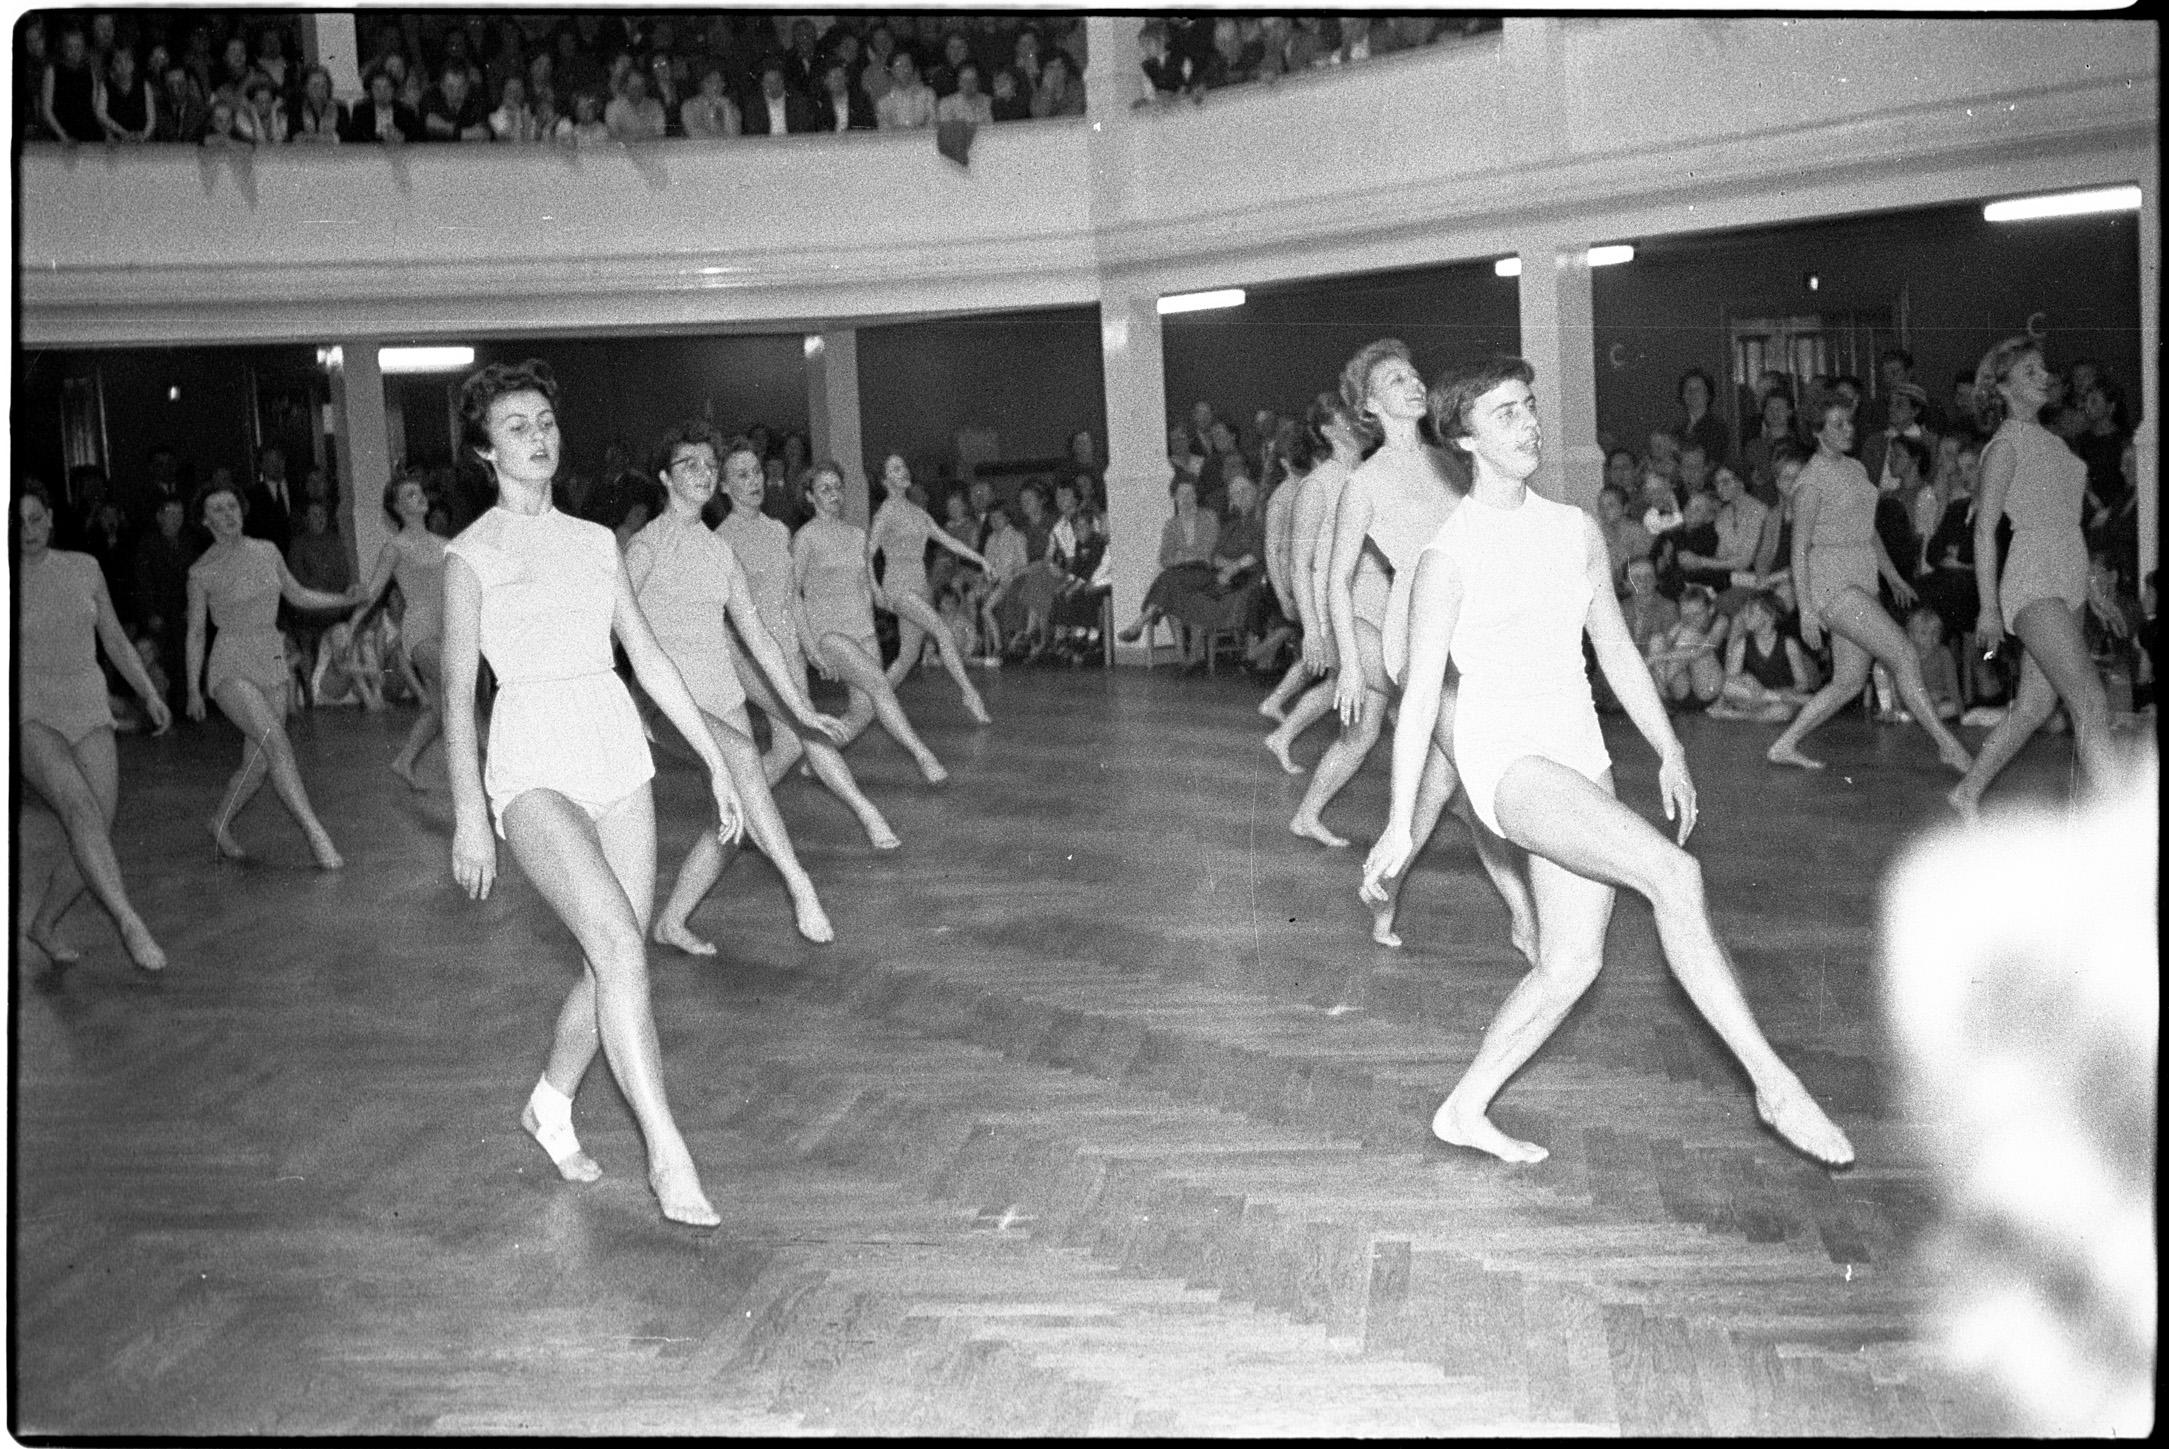 Kvindegymnastik i Fyns Forsamlingshus 1957.